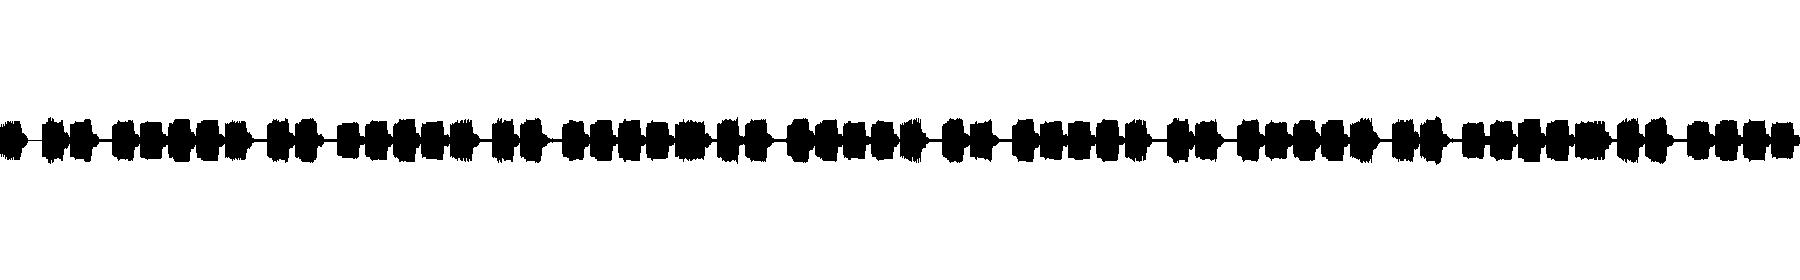 acid loop 106